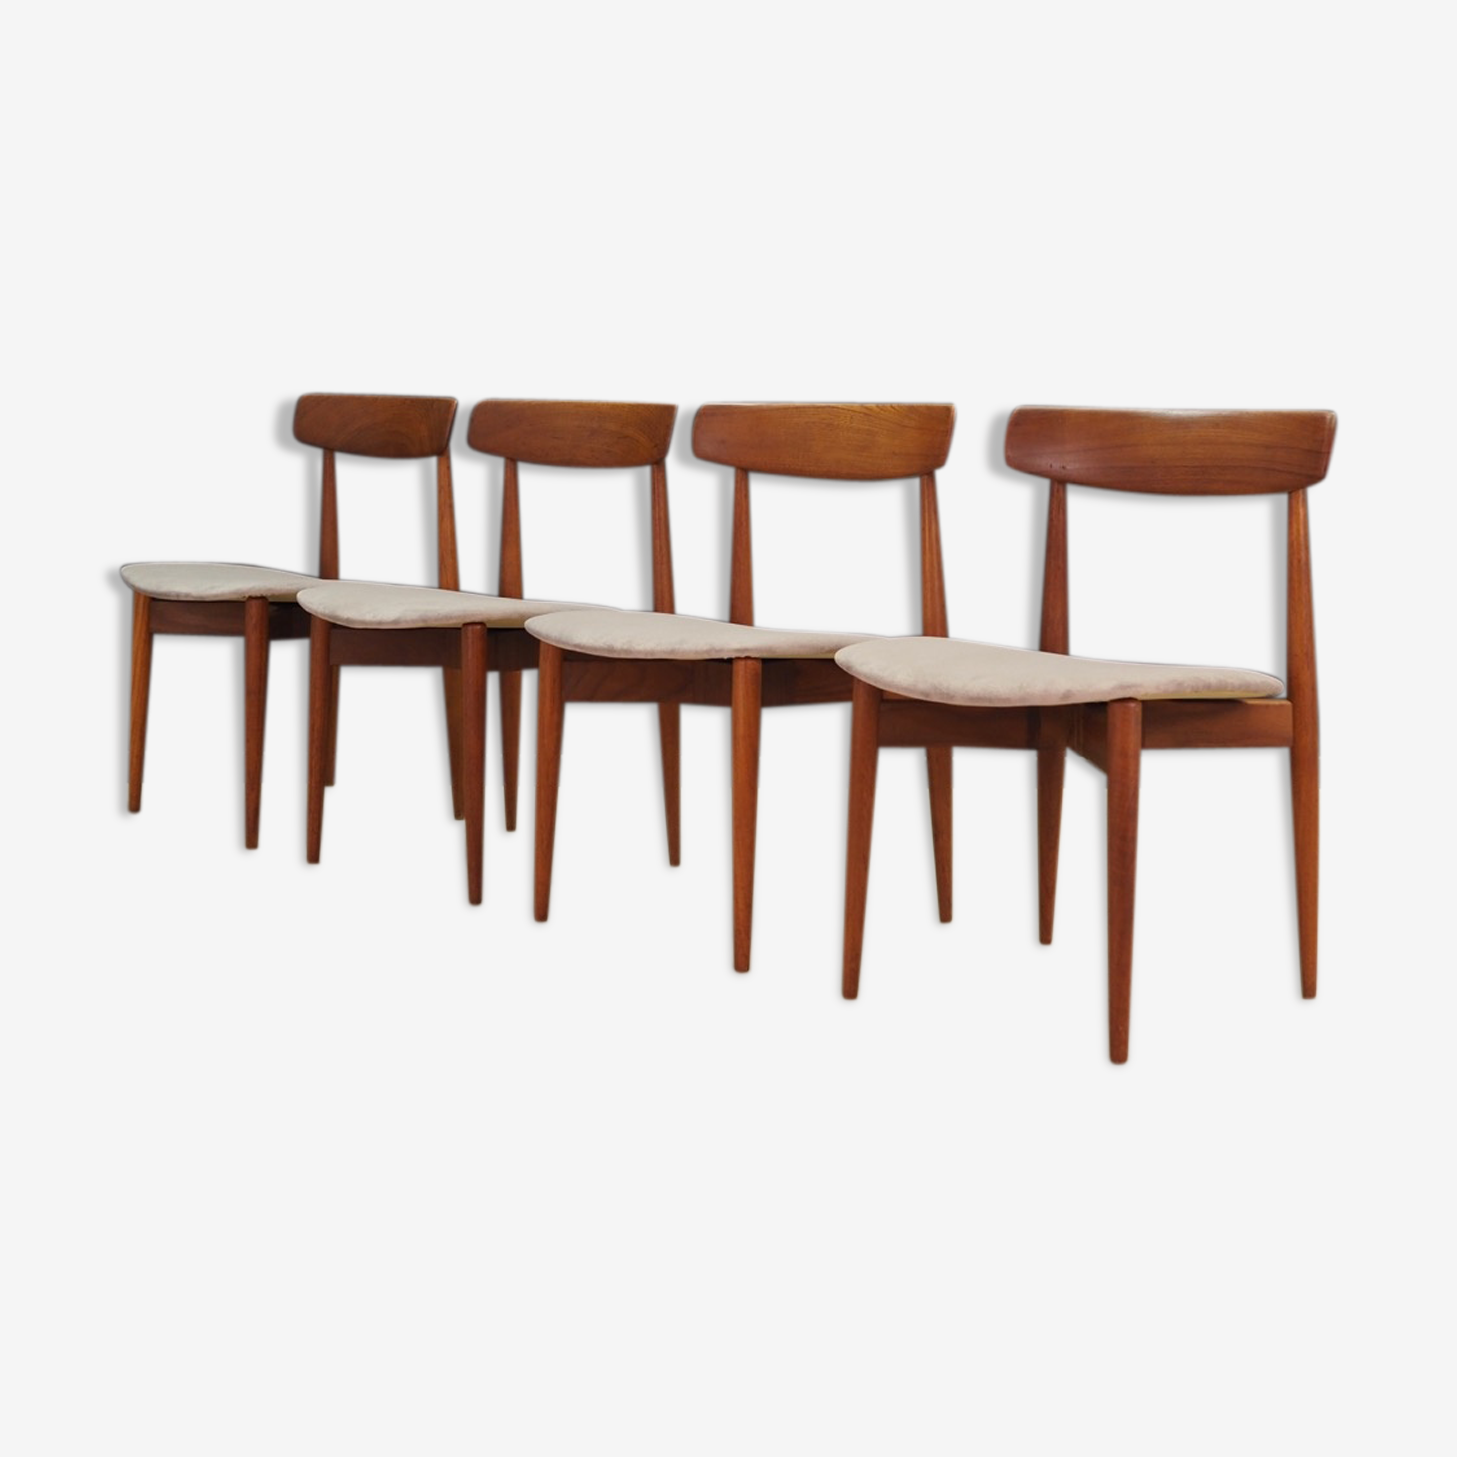 H. W. Klein chairs